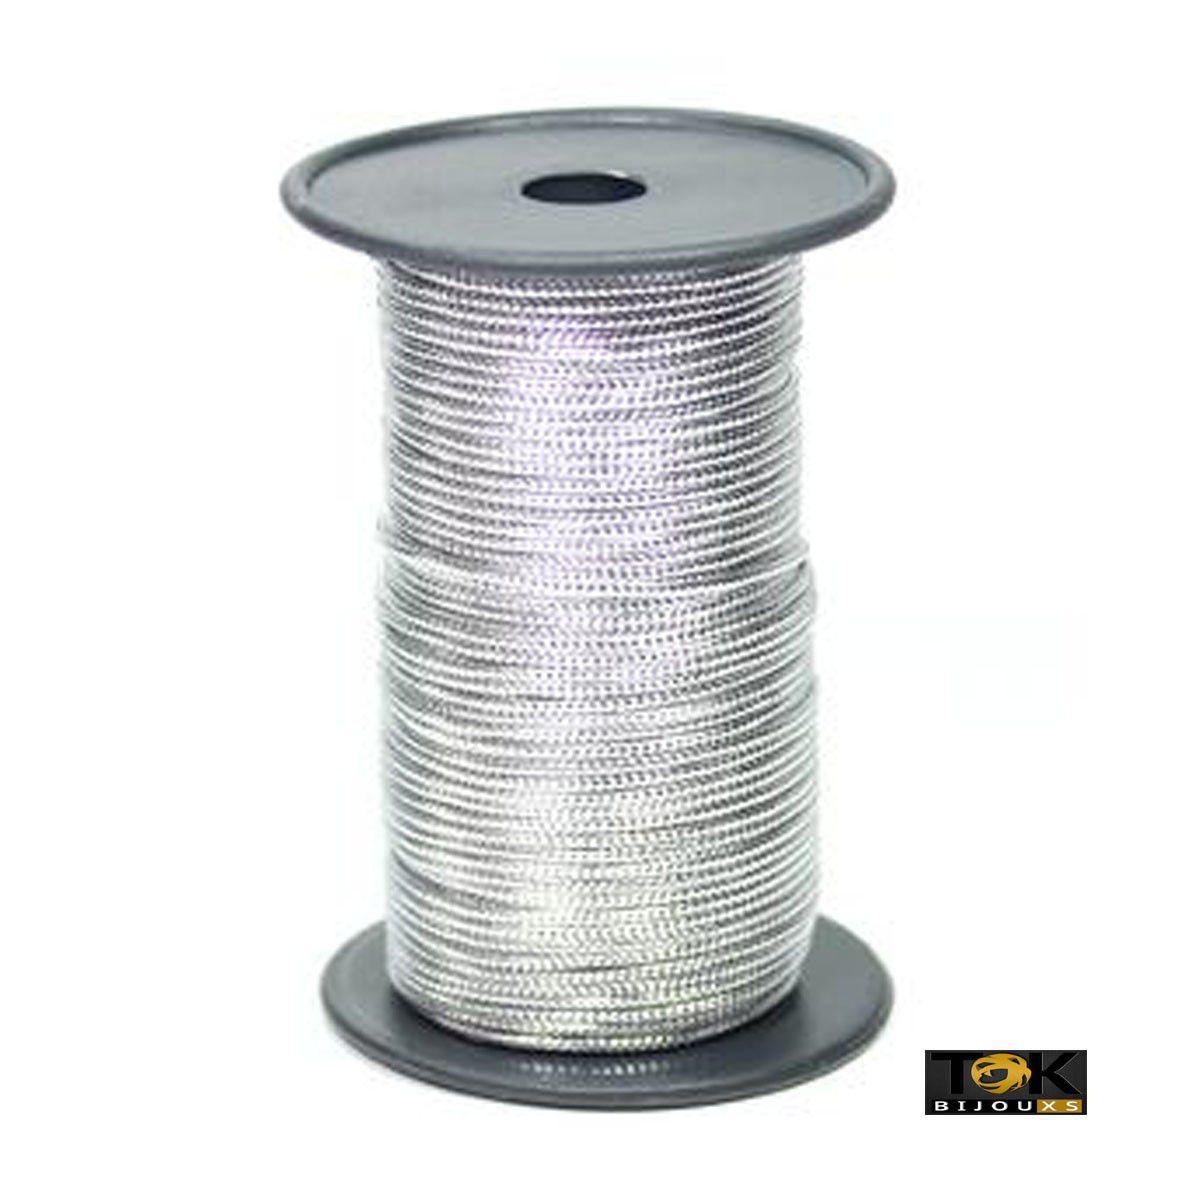 Cordão Metalizado São José 9006 R - 0,6mm -  Prata - 50 m